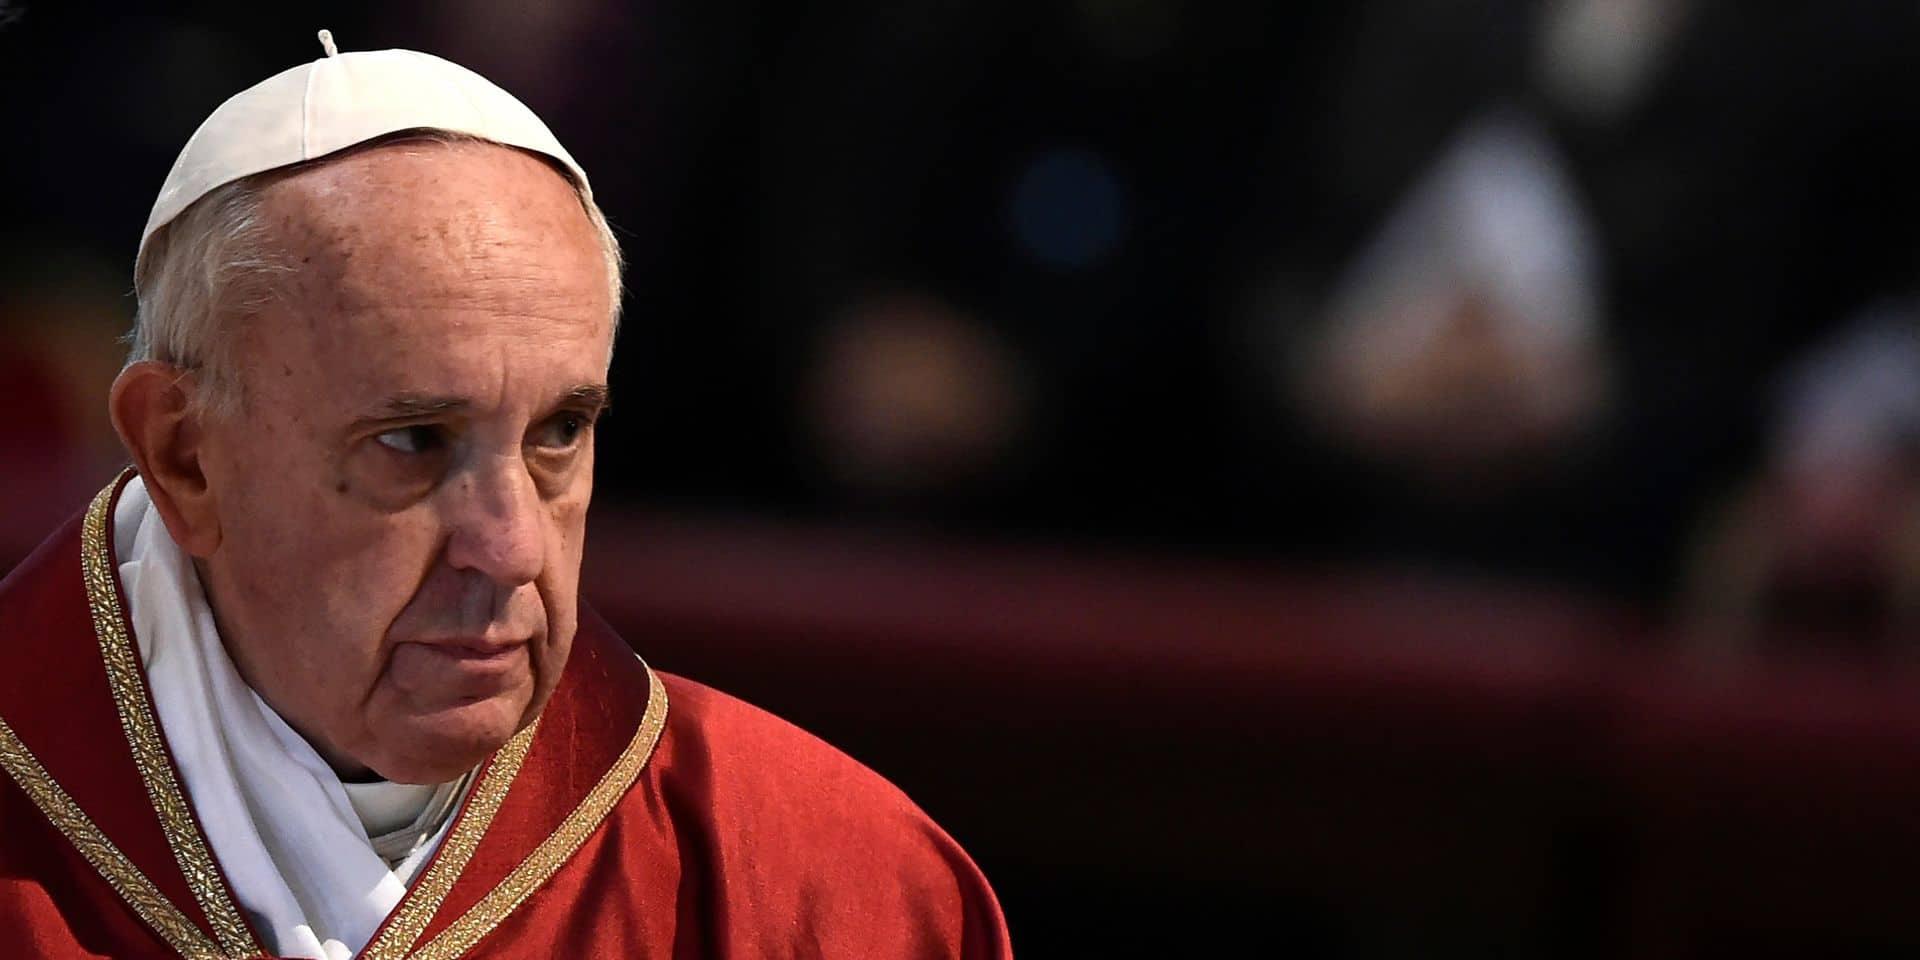 Le pape s'exprime sur les abus sexuels dans l'église d'Europe centrale et de l'Est